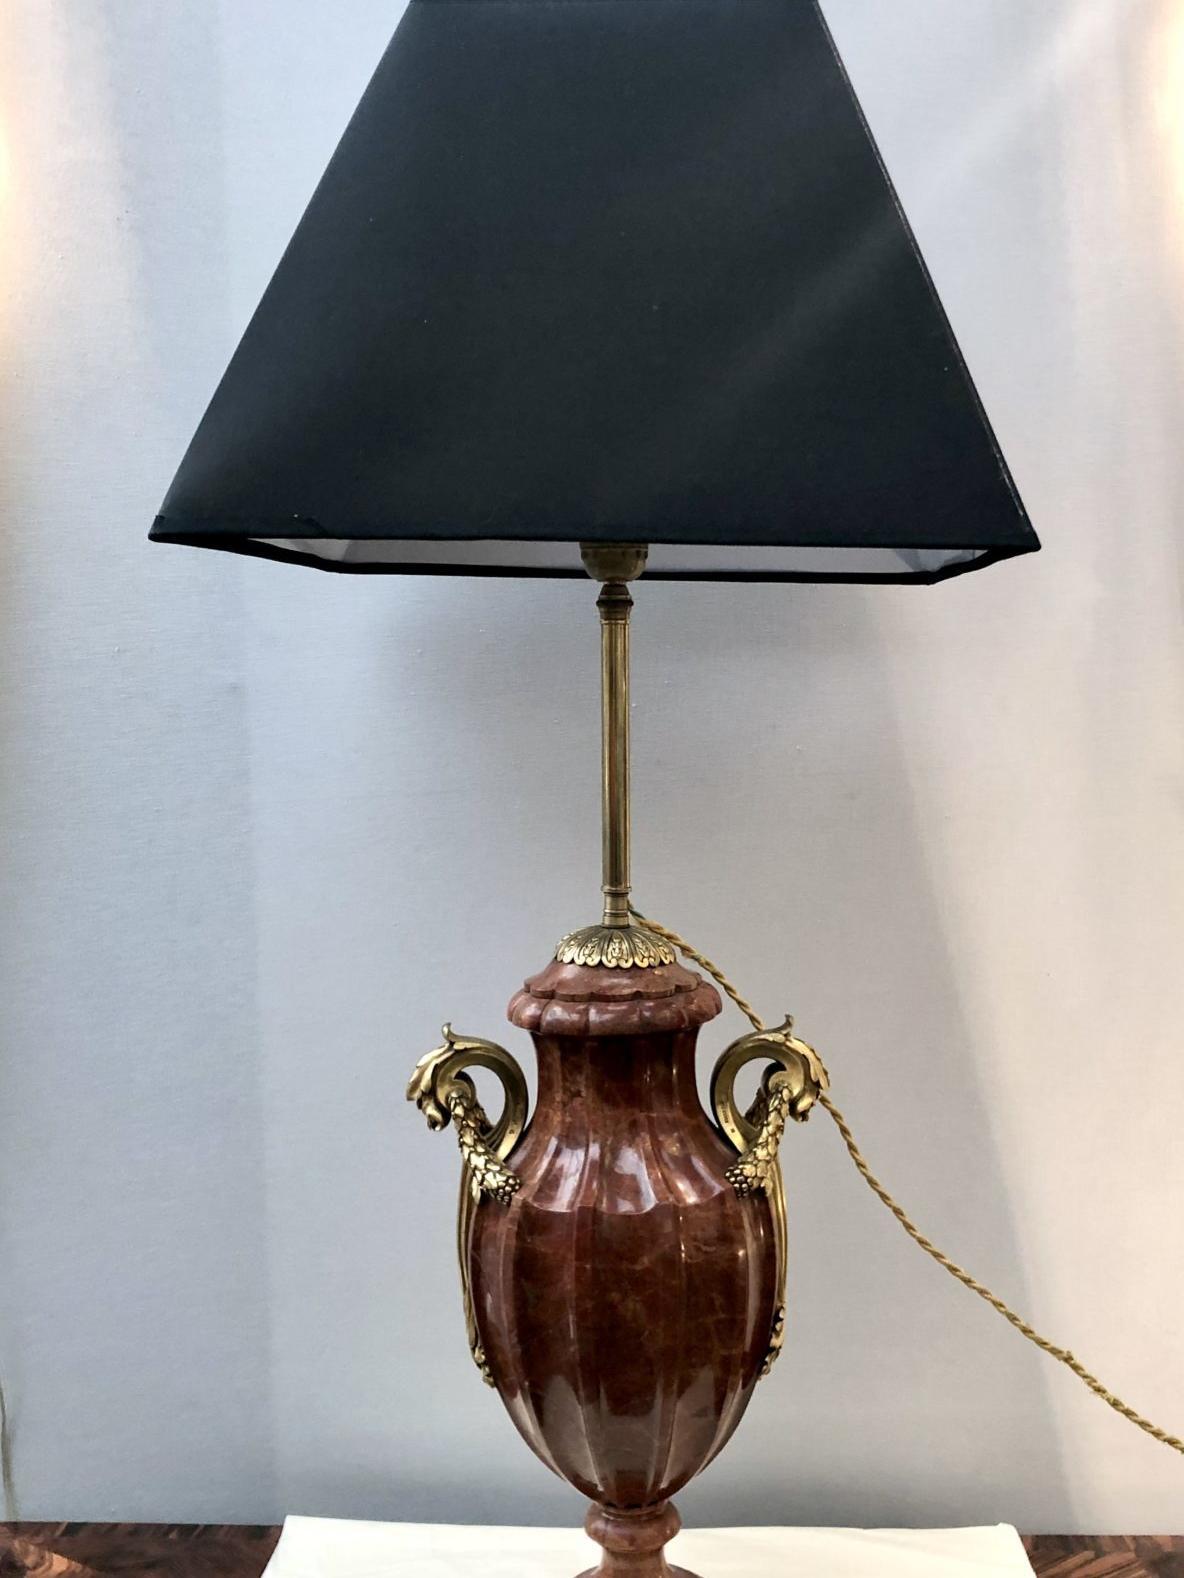 Vase en marbre monté en lampe. Monture bronze doré signée Susse Frères, fin XIXe siècle